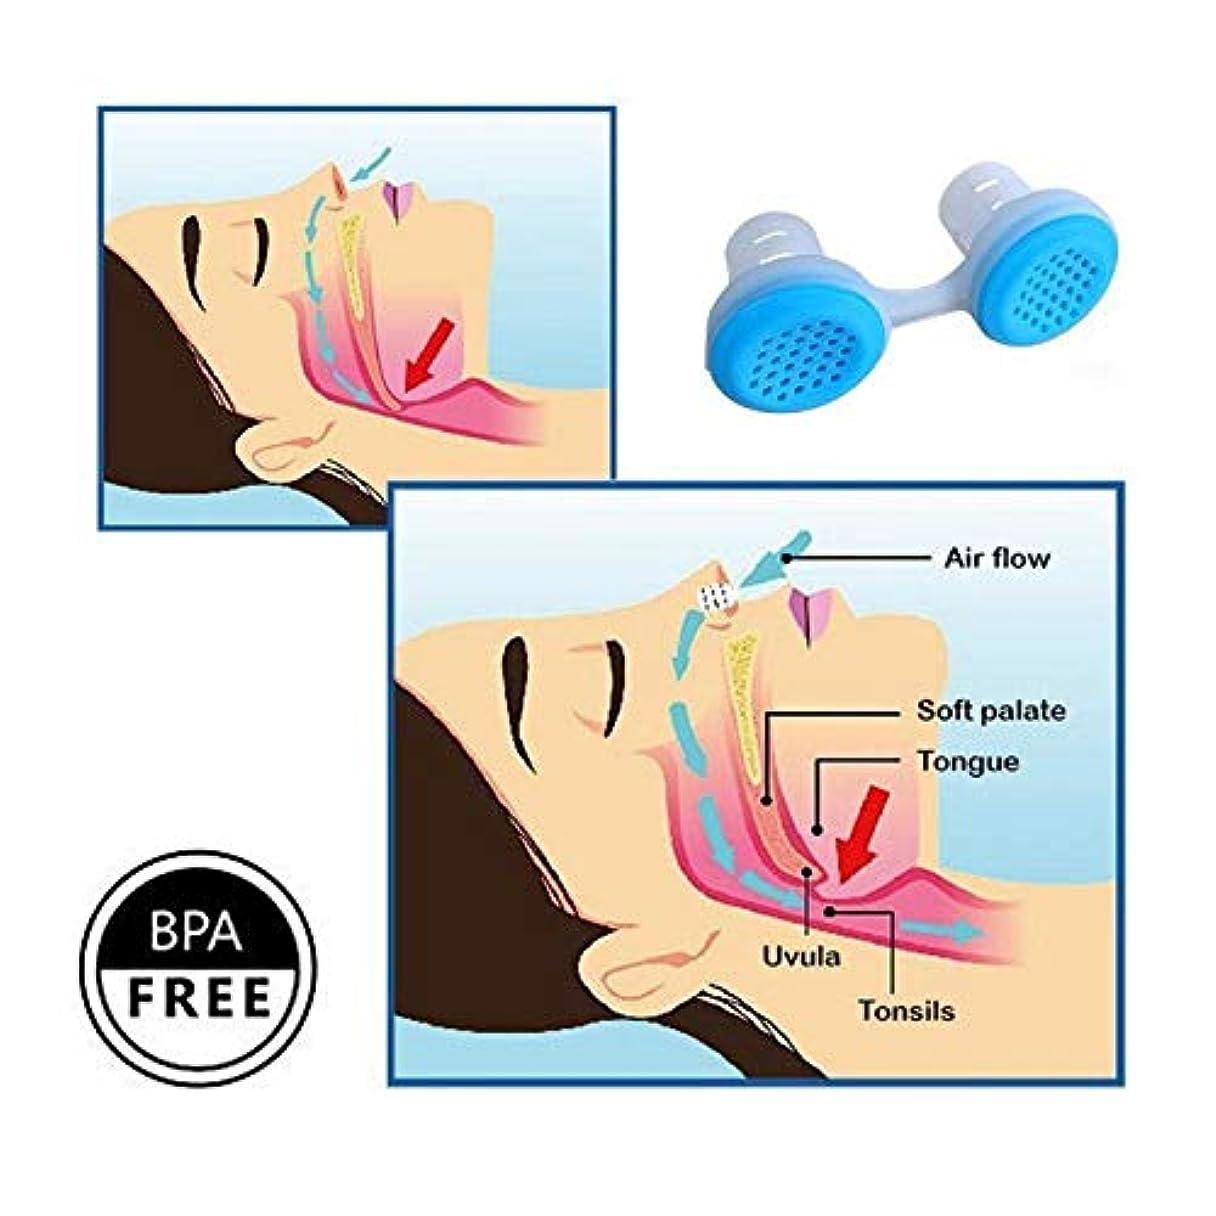 軸不愉快にカプセルNOTE 1ピース緩和いびき鼻いびき停止呼吸装置ガード睡眠補助ミニいびき装置アンチいびきシリコーンC2